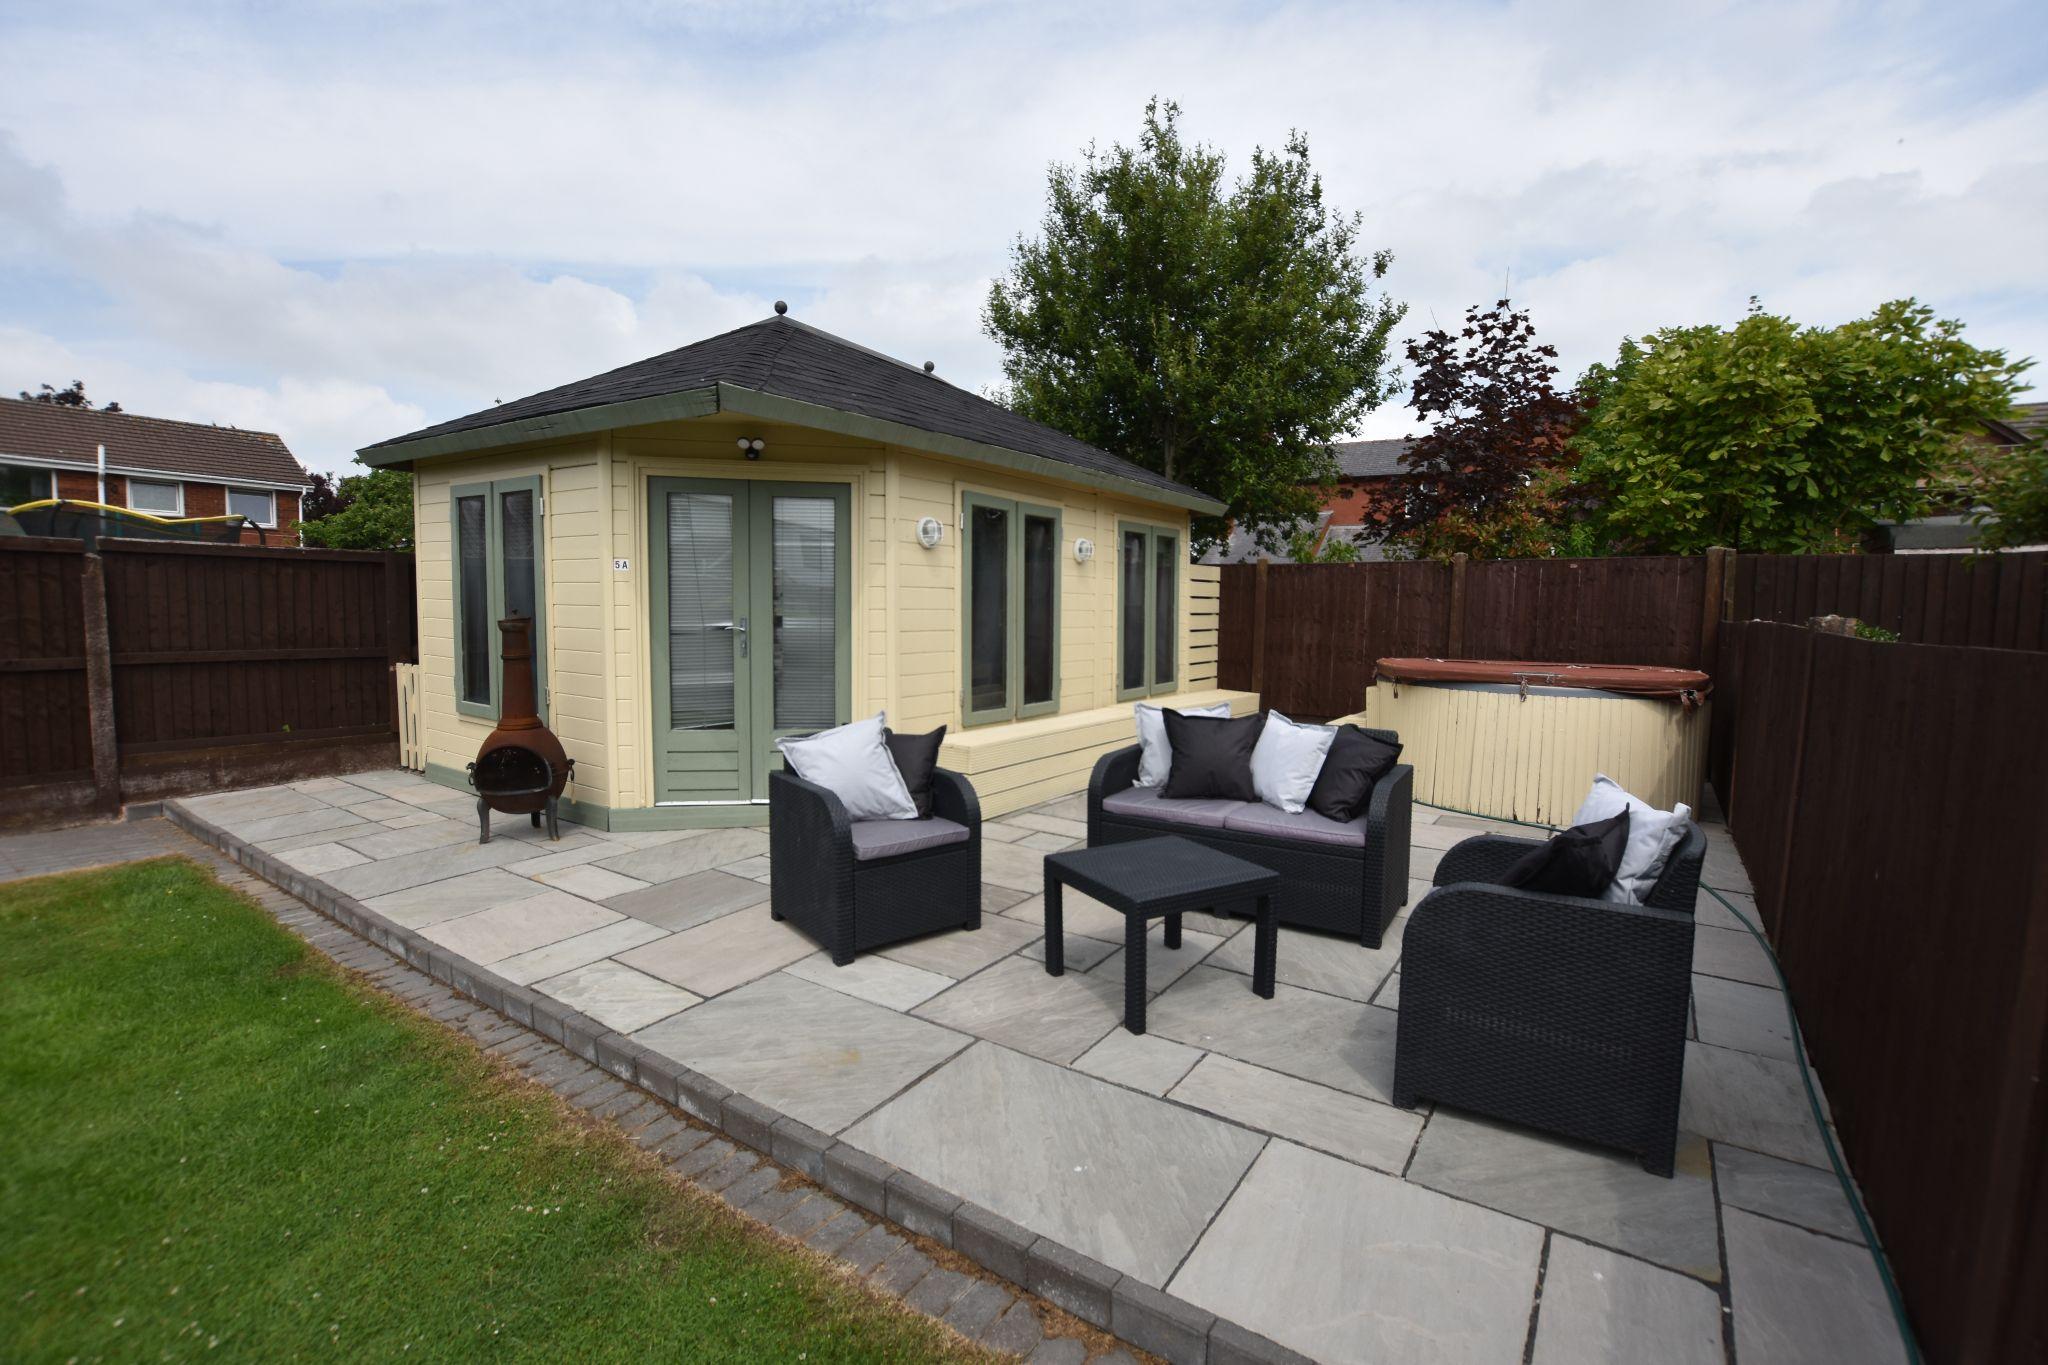 4 bedroom semi-detached bungalow Sold STC in Preston - Garden/Outside Bar